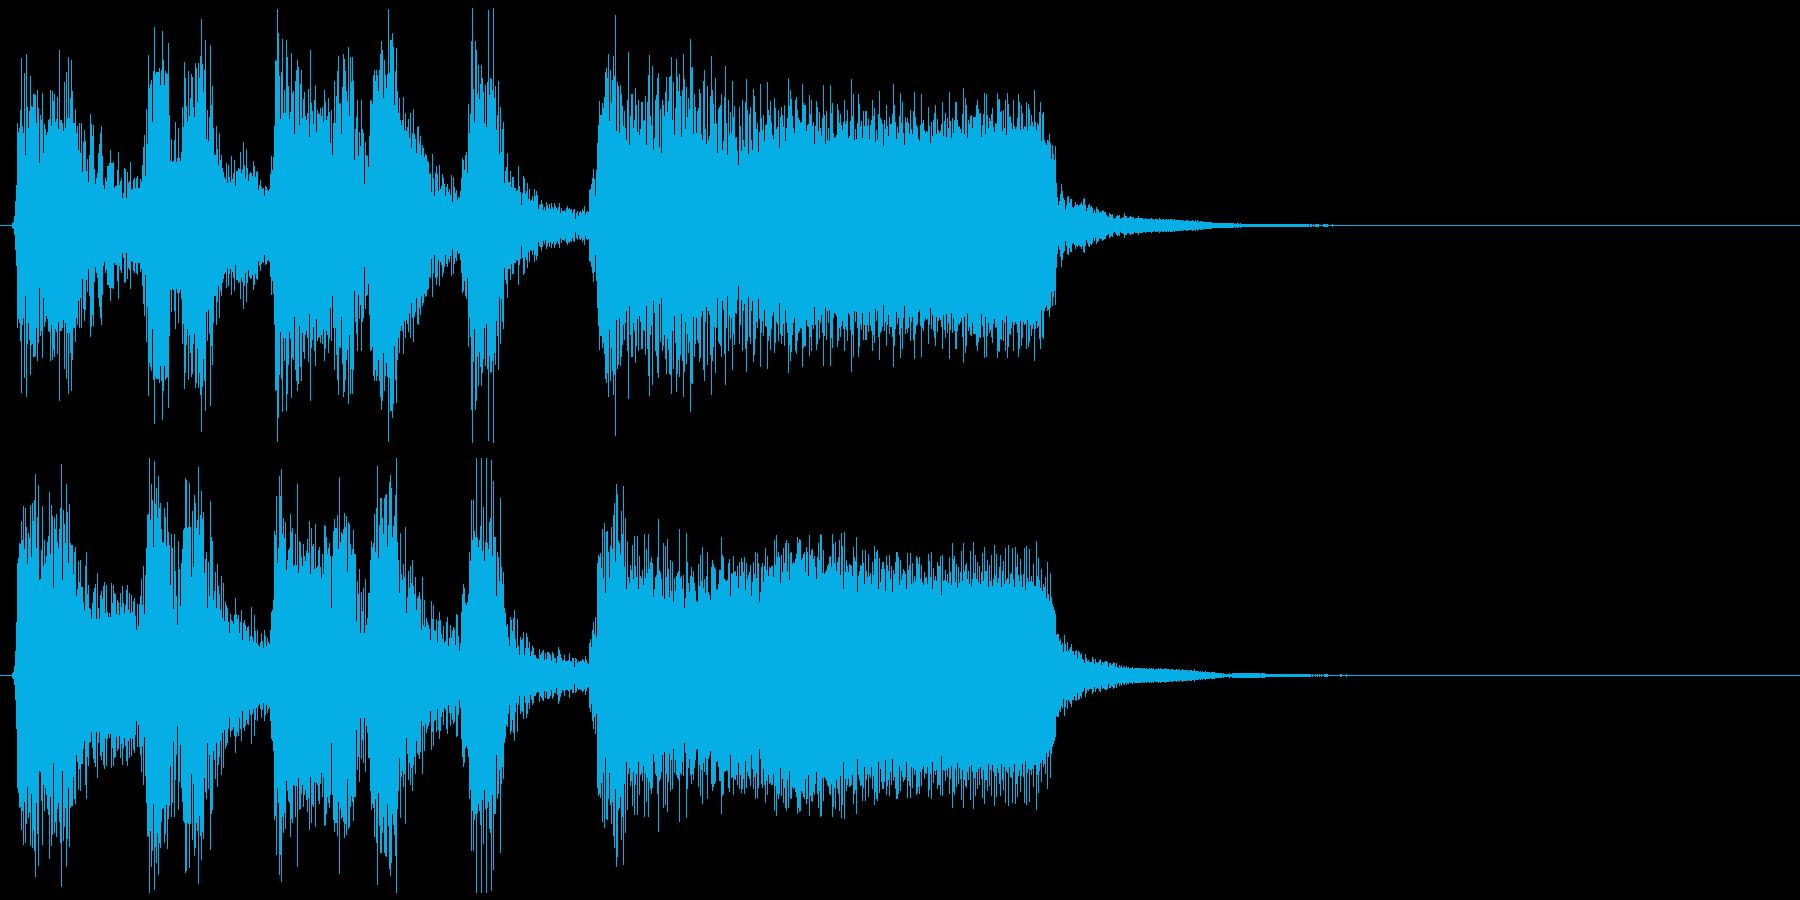 かっこいいジャズサックスのサウンドロゴの再生済みの波形